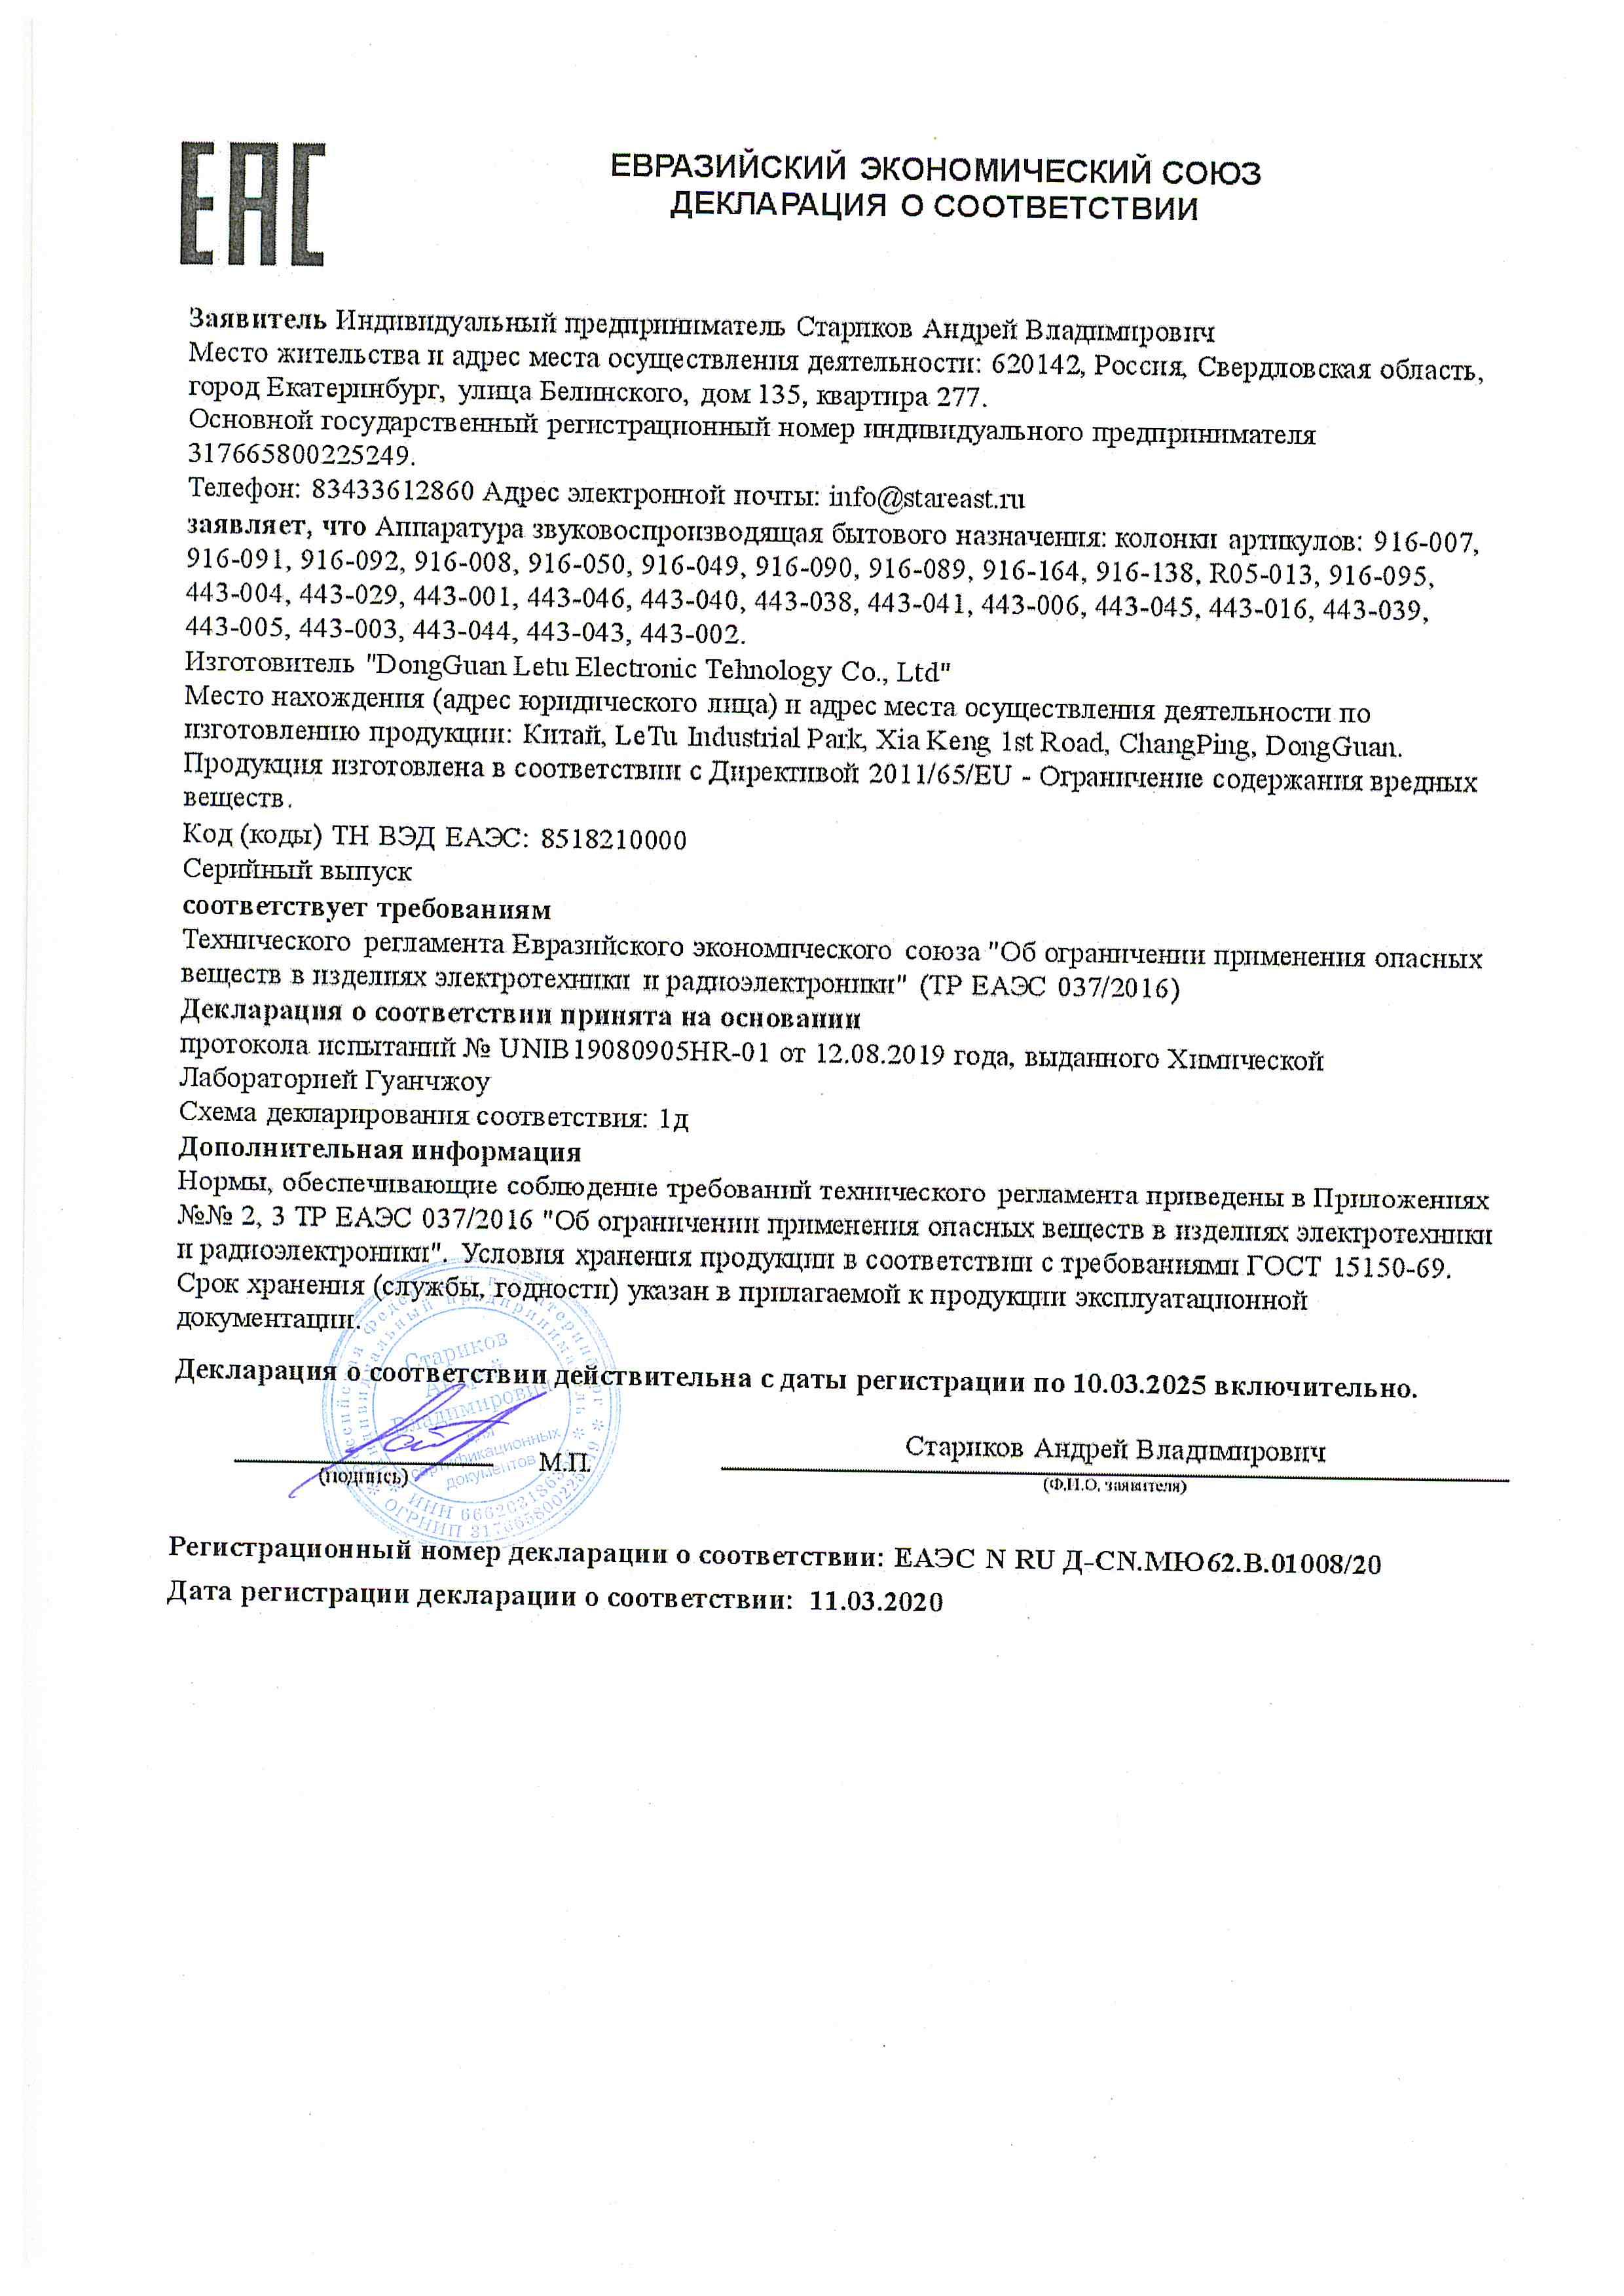 RUD-CN.MJu62.V.01008_20.jpg